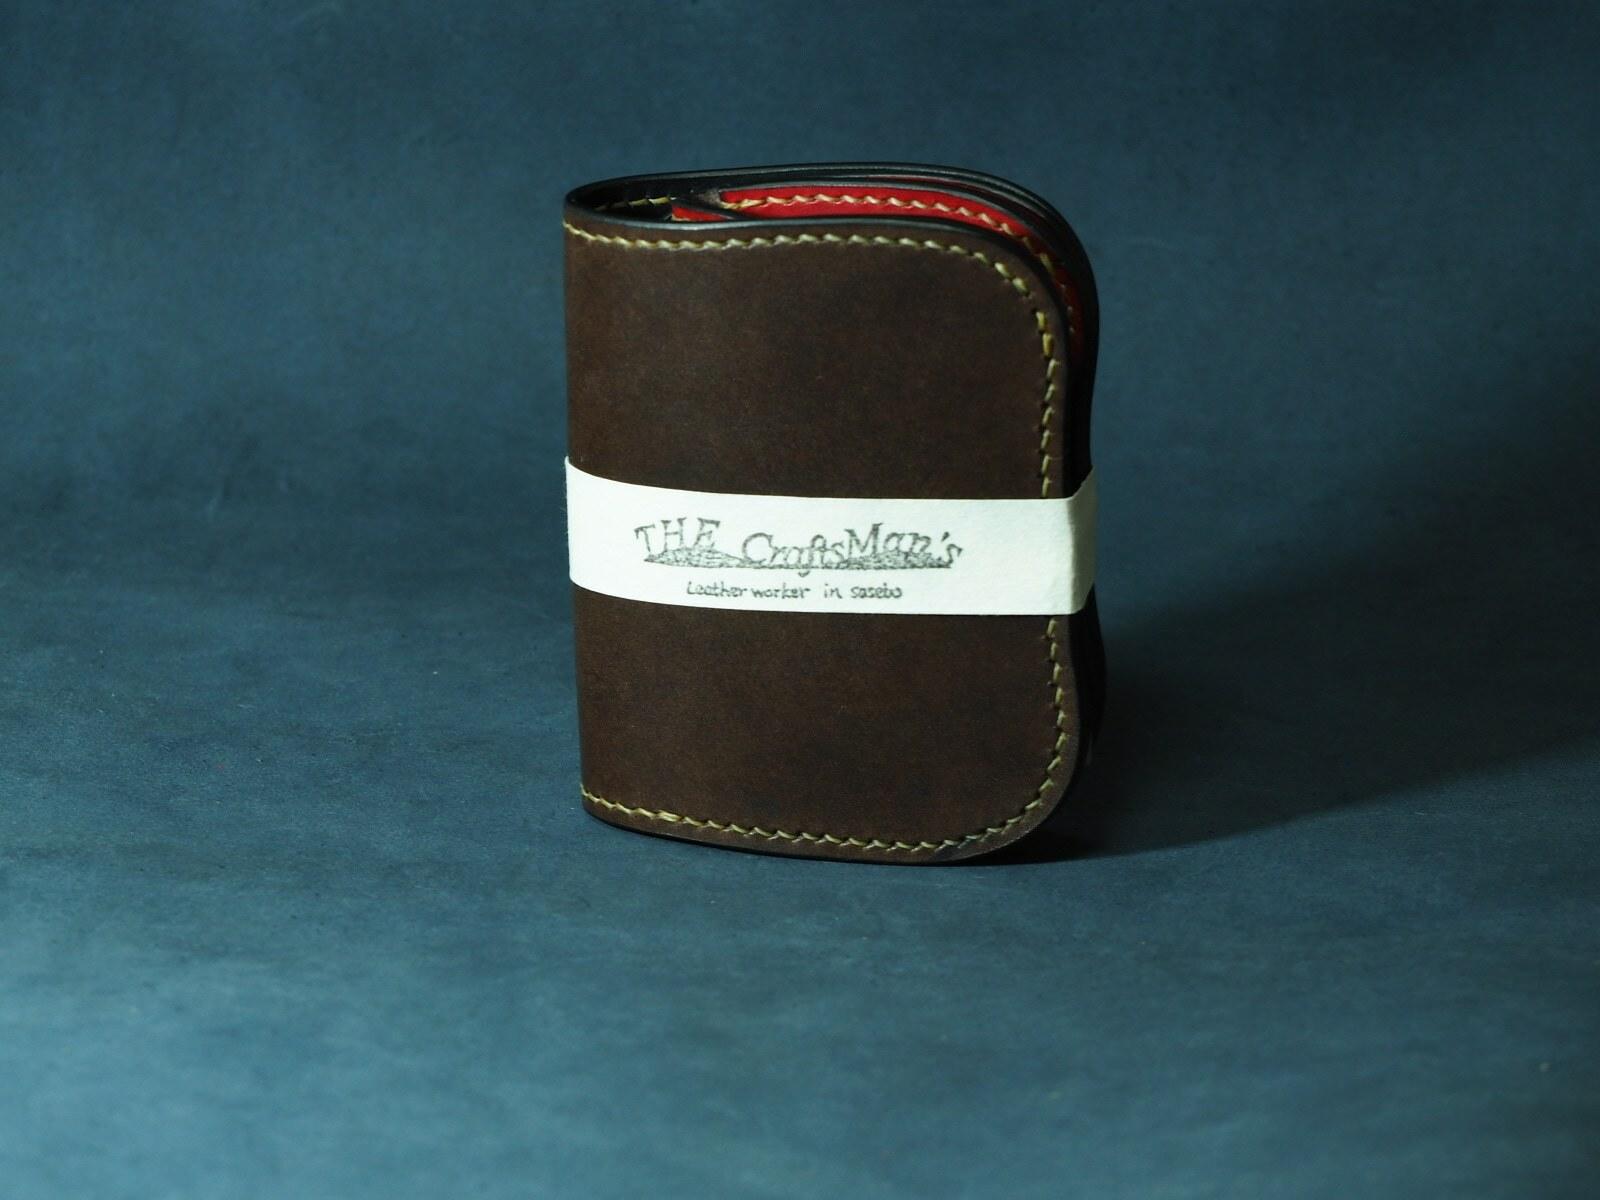 S様オーダー品 多脂ベンズのショートウォレット【crown】 type1 【昭南本ヌメサドル】 ダークブラウン×バーガンディ― ≪二つ折り財布≫